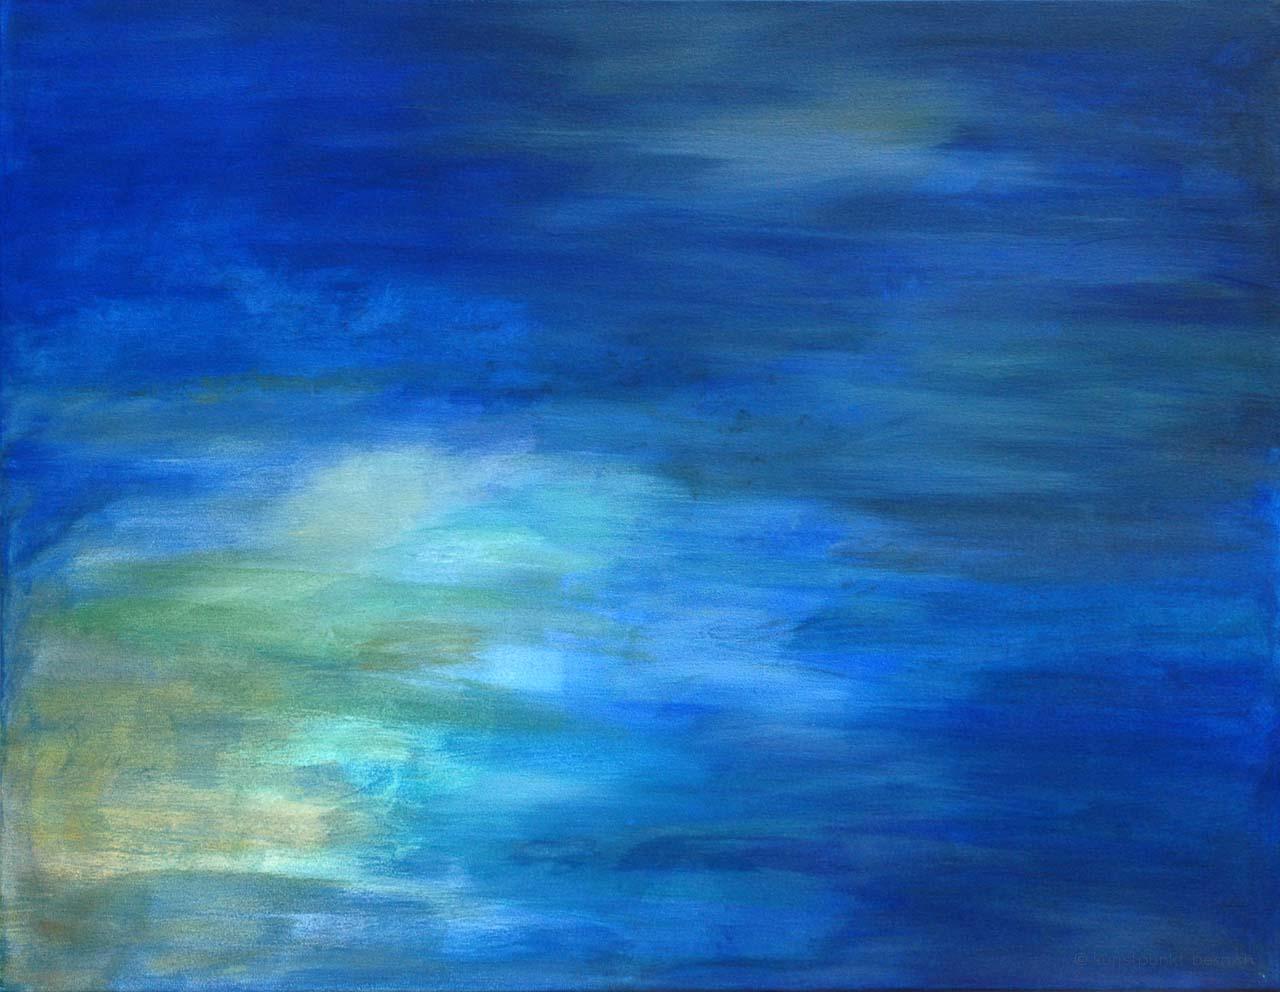 Ausguck am Himmelsfenster - Acrylpigment auf Leinwand - von Judith Kaffka - kunstpunkt-bern.ch